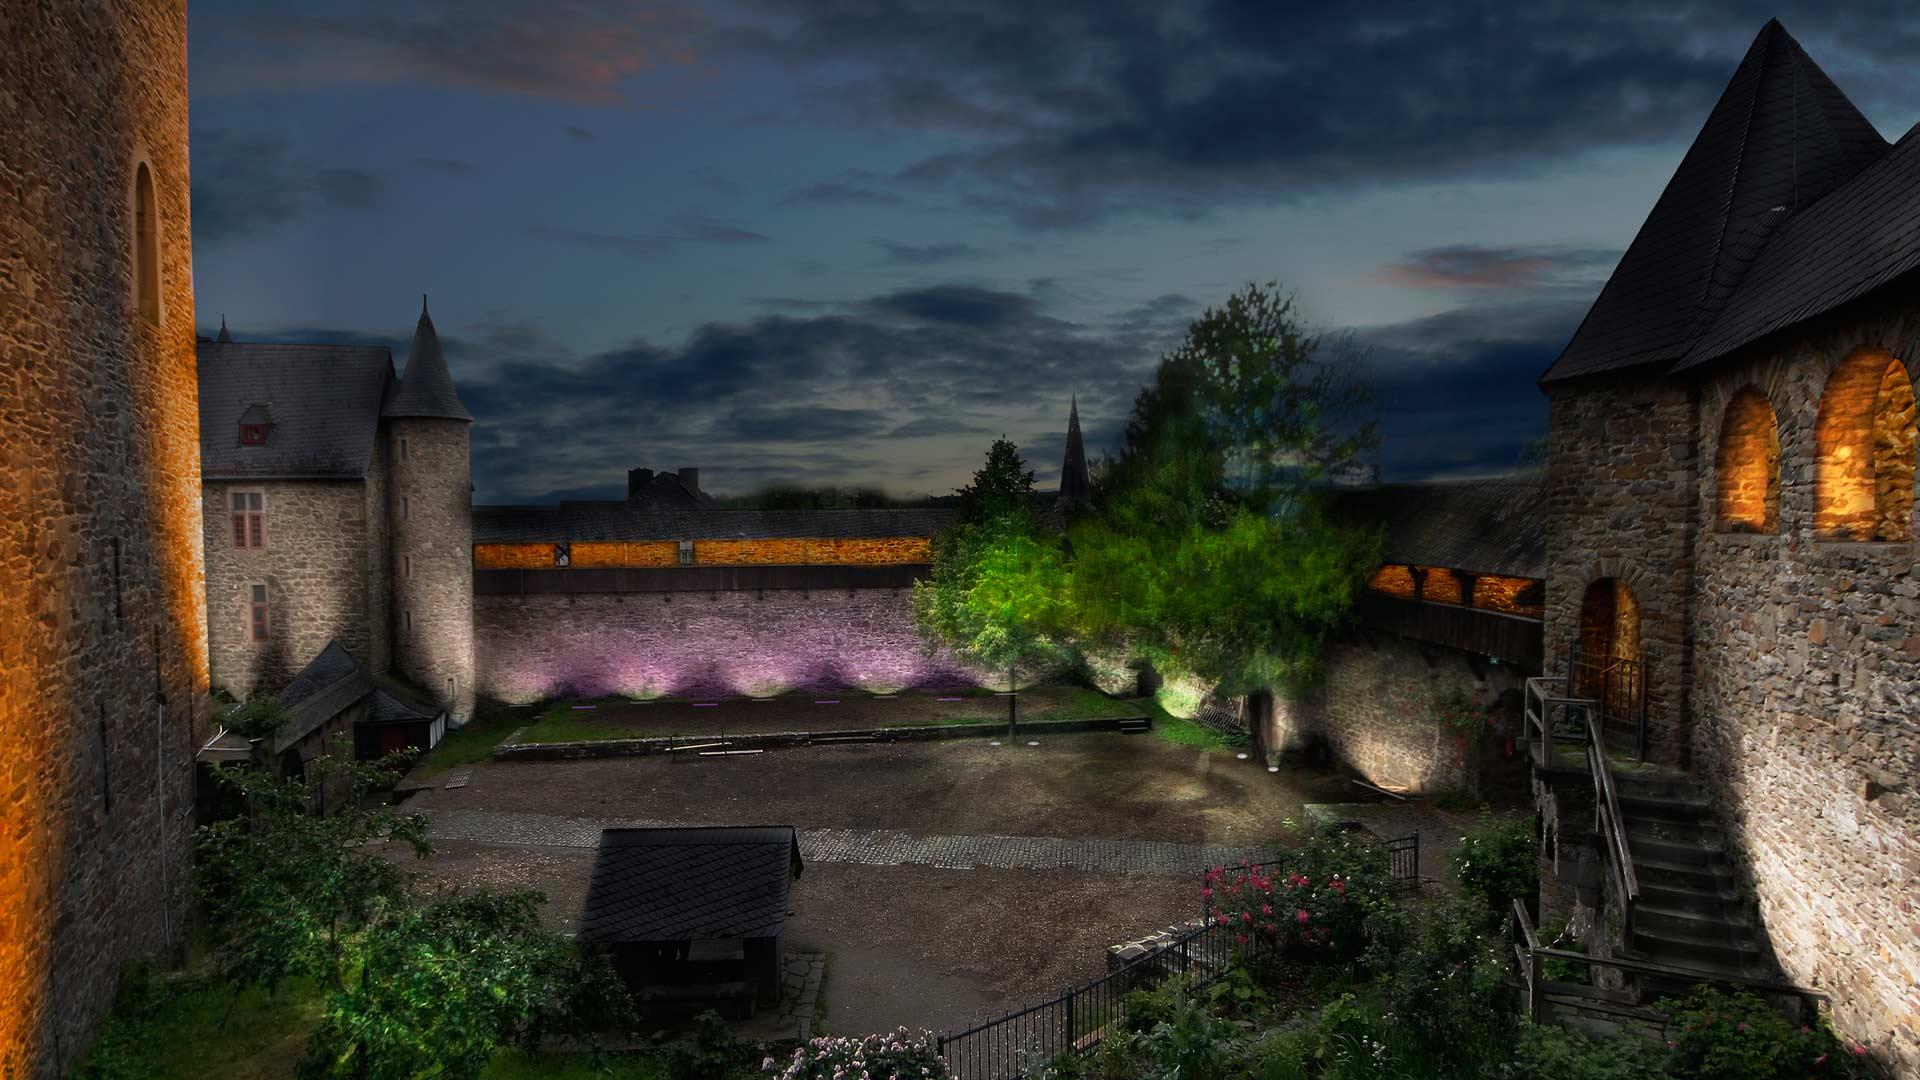 MAASS-Lichtplanung_Wettbewerbsbeitrag Lichtinszenierung Schloss Burg__MAASS-Licht-SchlossBurg-03